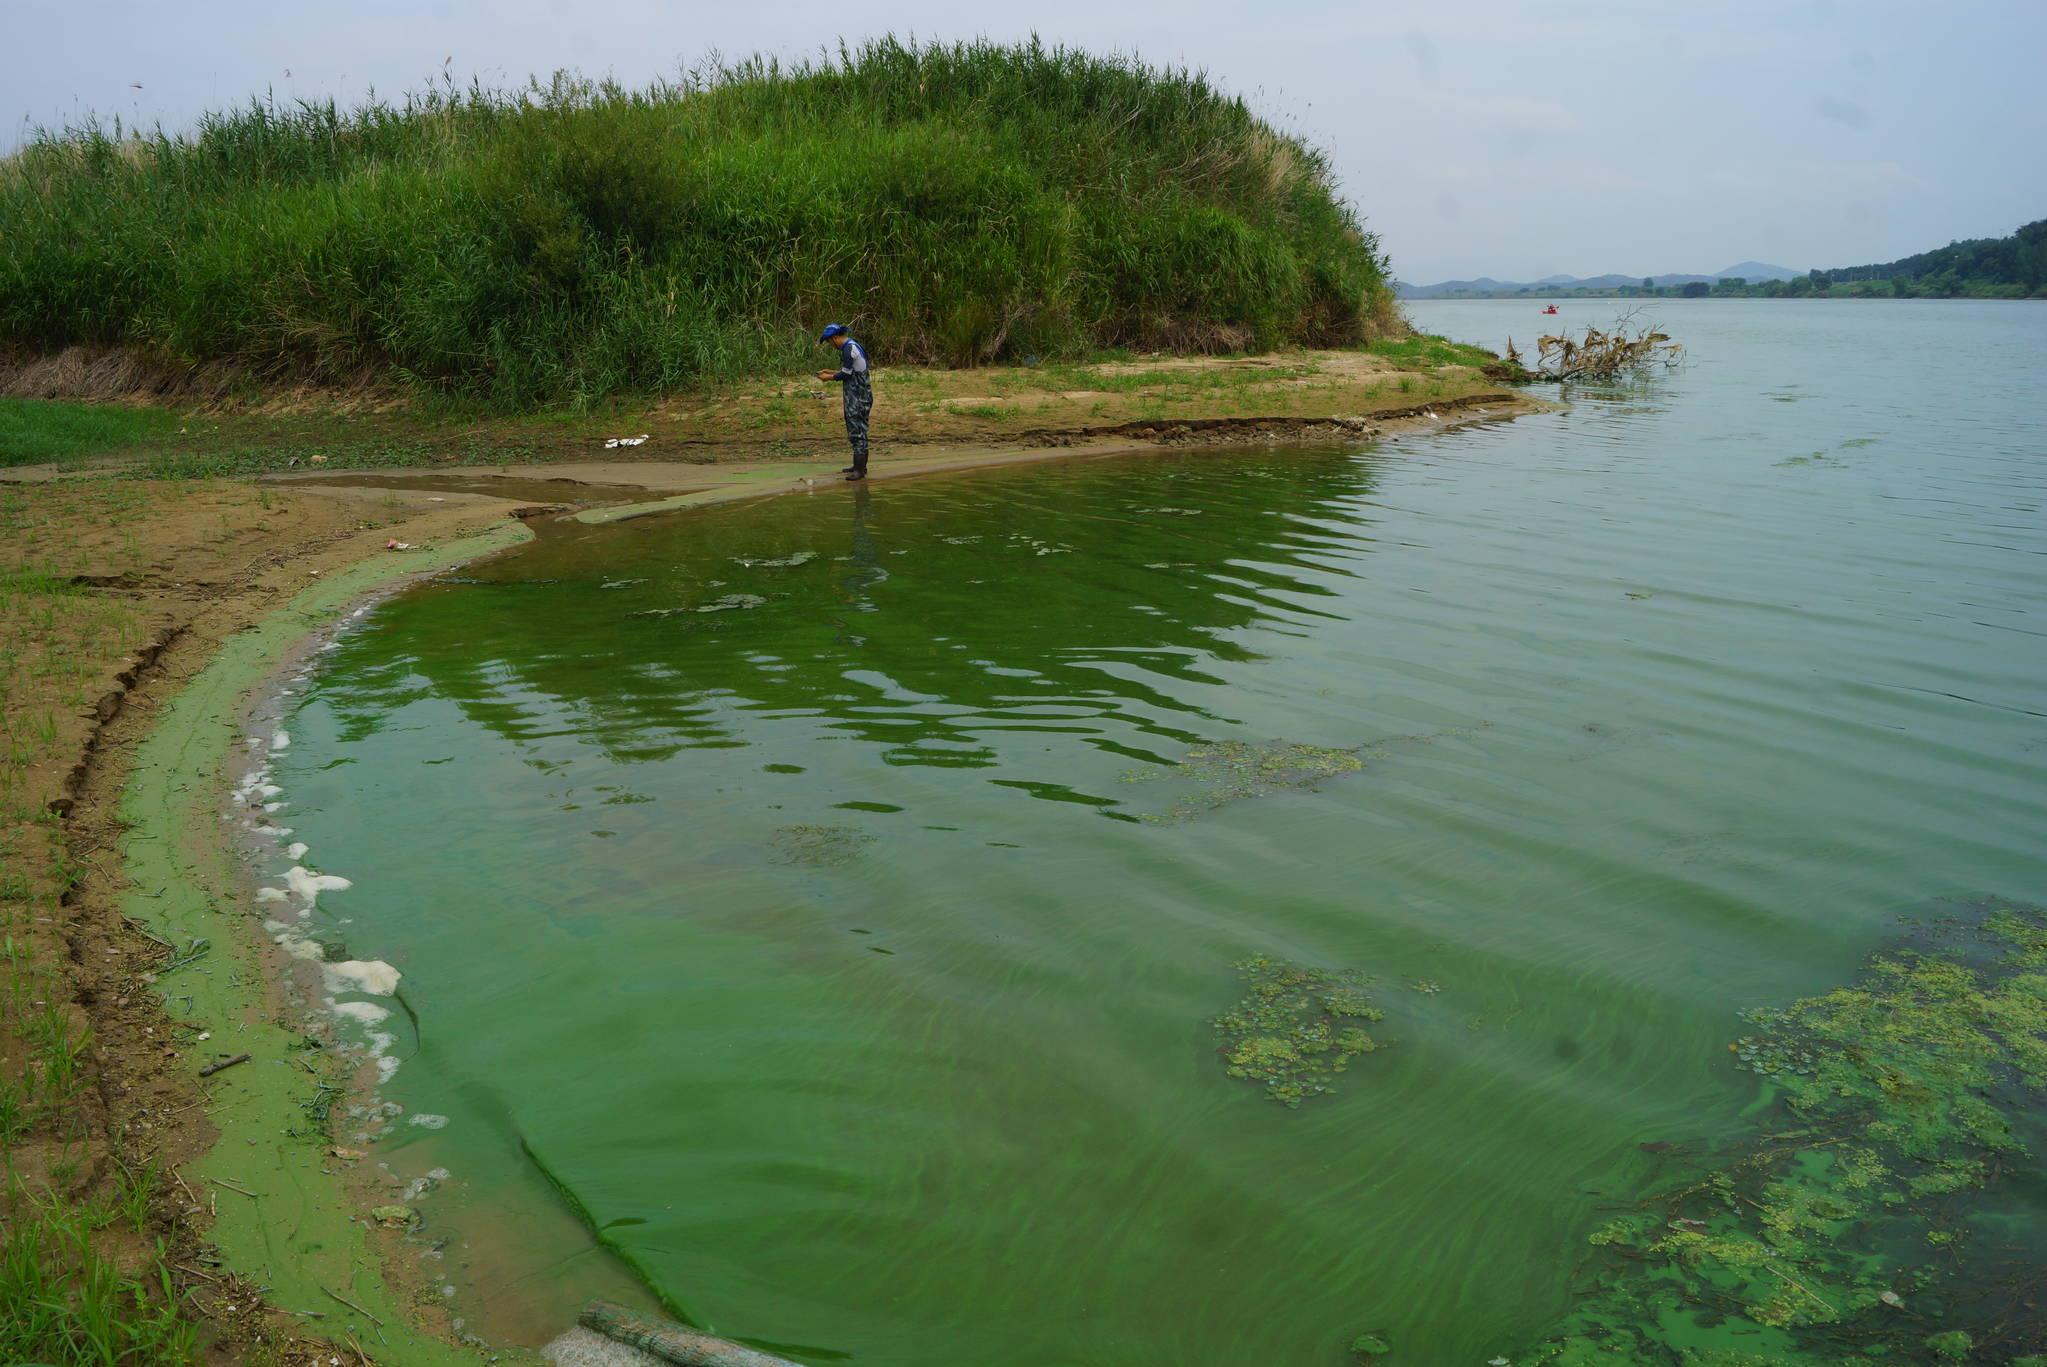 지난 7월 낙동강 구지 오토캠핑장 앞에 발생한 녹조. 일부 녹조생물은 독소를 생성하기도 한다.강찬수 기자